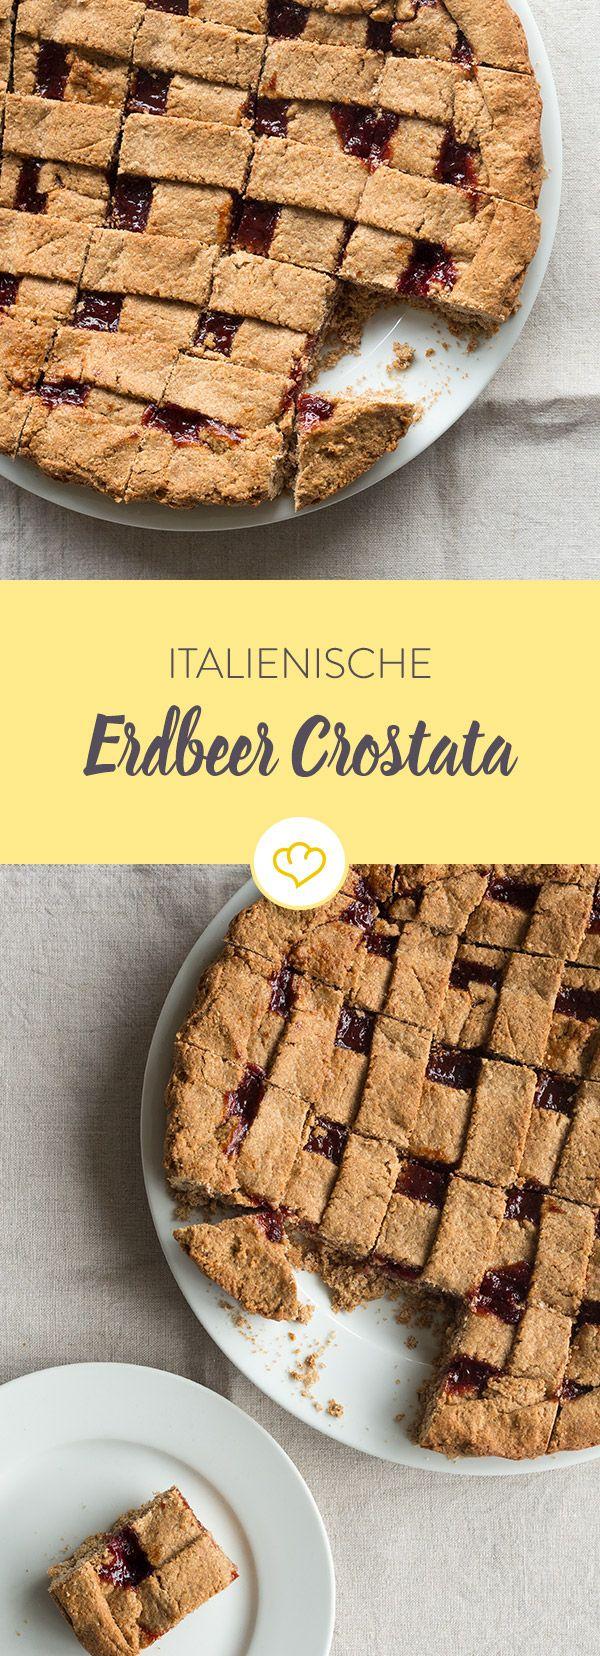 Fresh Der italienische Klassiker f r deine Kaffeetafel Crostata mit Erdbeerf llung Schmeckt am besten direkt aus